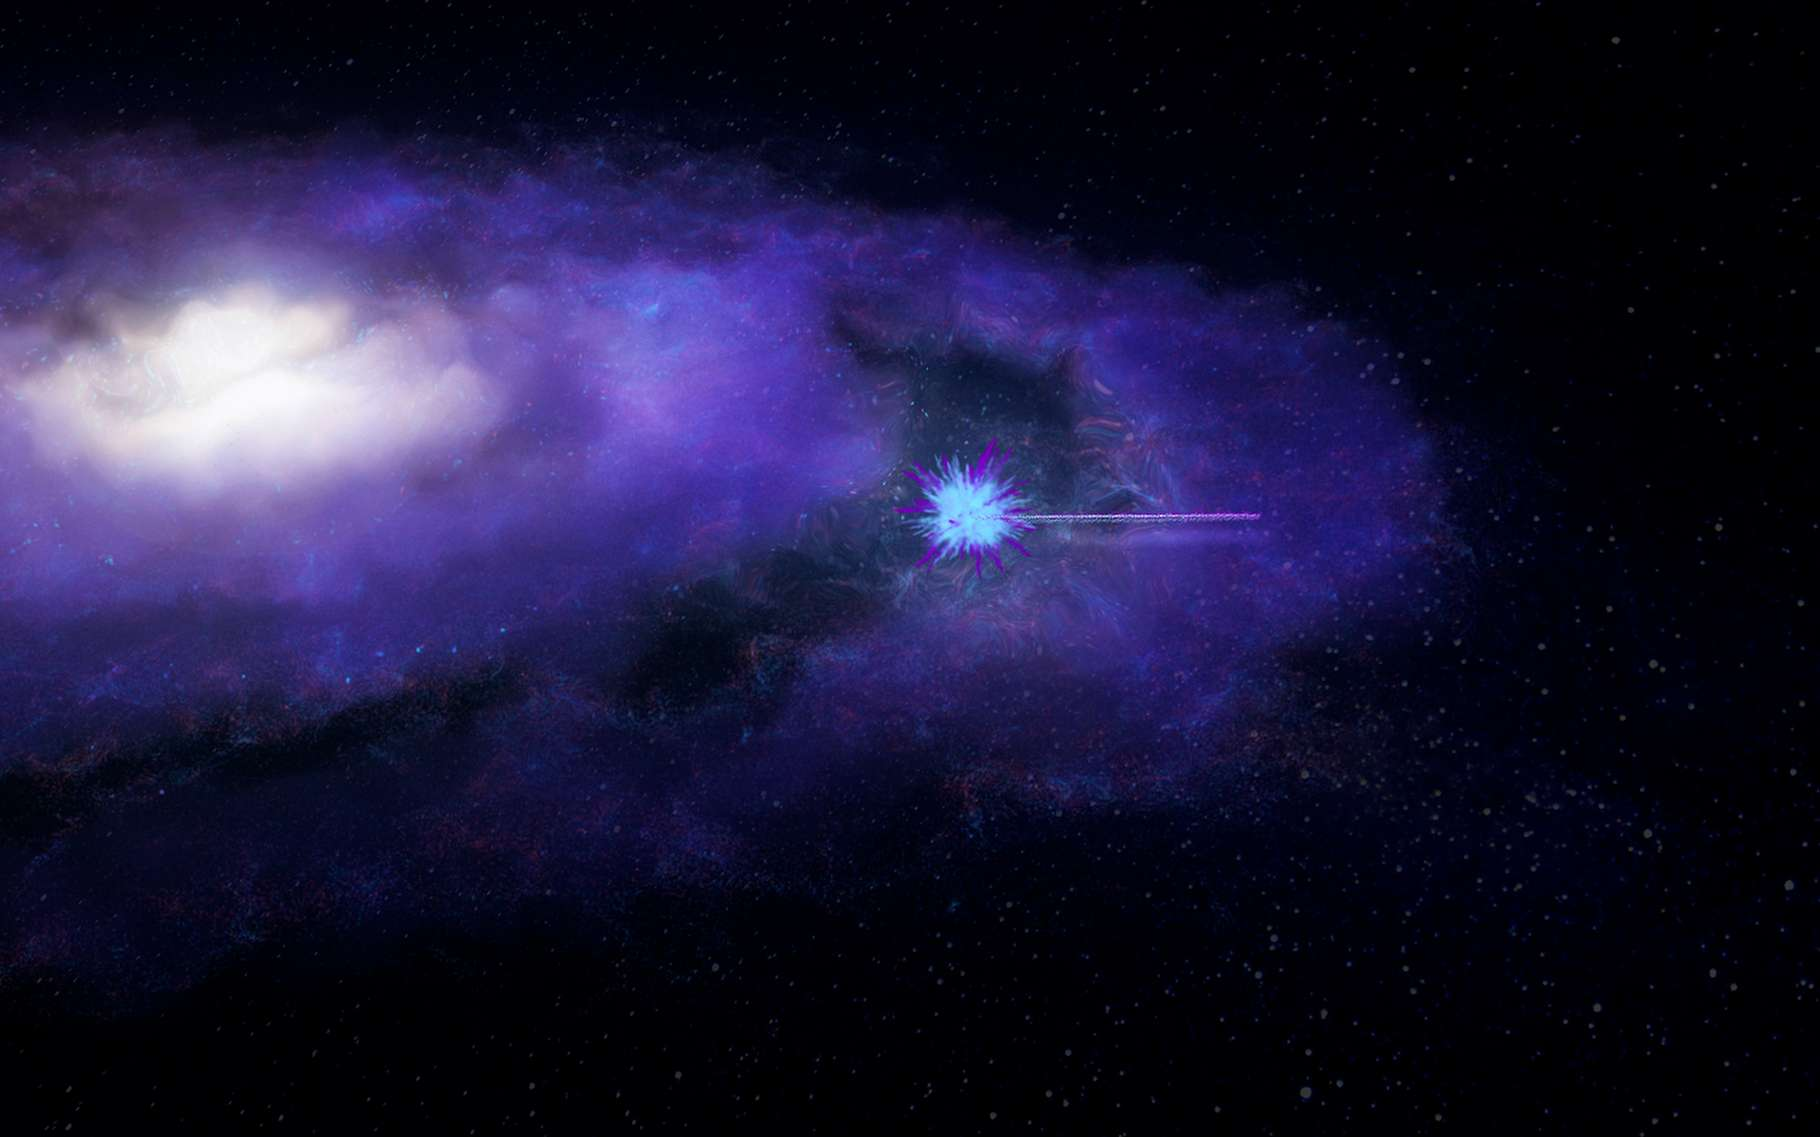 Un sursaut radio rapide est émis depuis une galaxie lointaine. Ses ondes vont voyager jusqu'à notre Terre et être impactées par la matière qu'elles rencontreront en chemin. © International Centre for Radio Astronomy Research